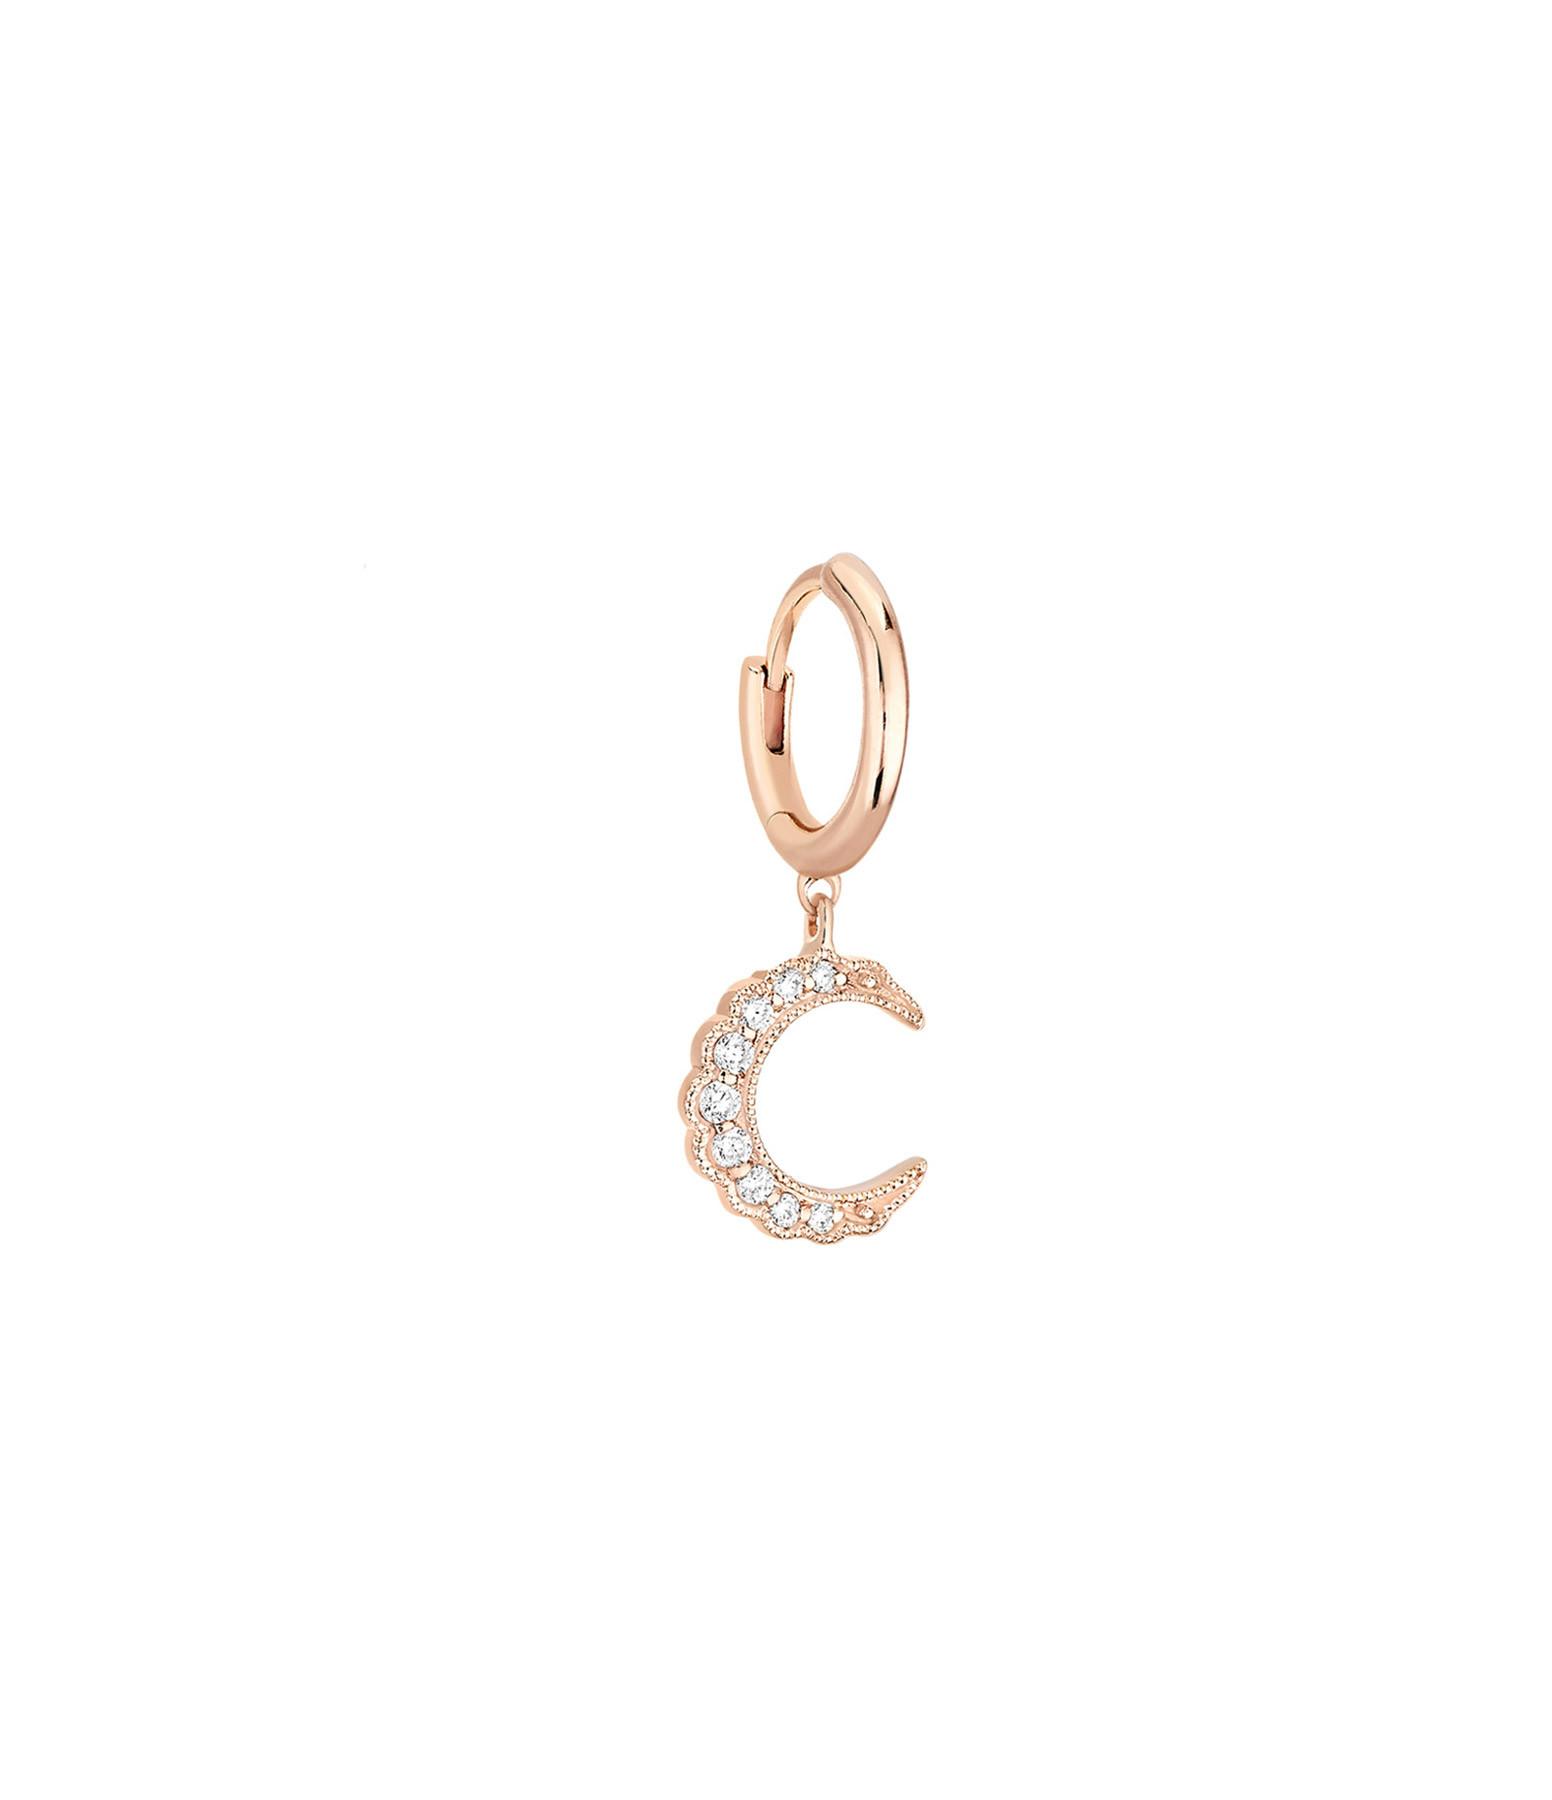 STONE PARIS - Mini Créole Moonlight Or Diamants (vendue à l'unité)